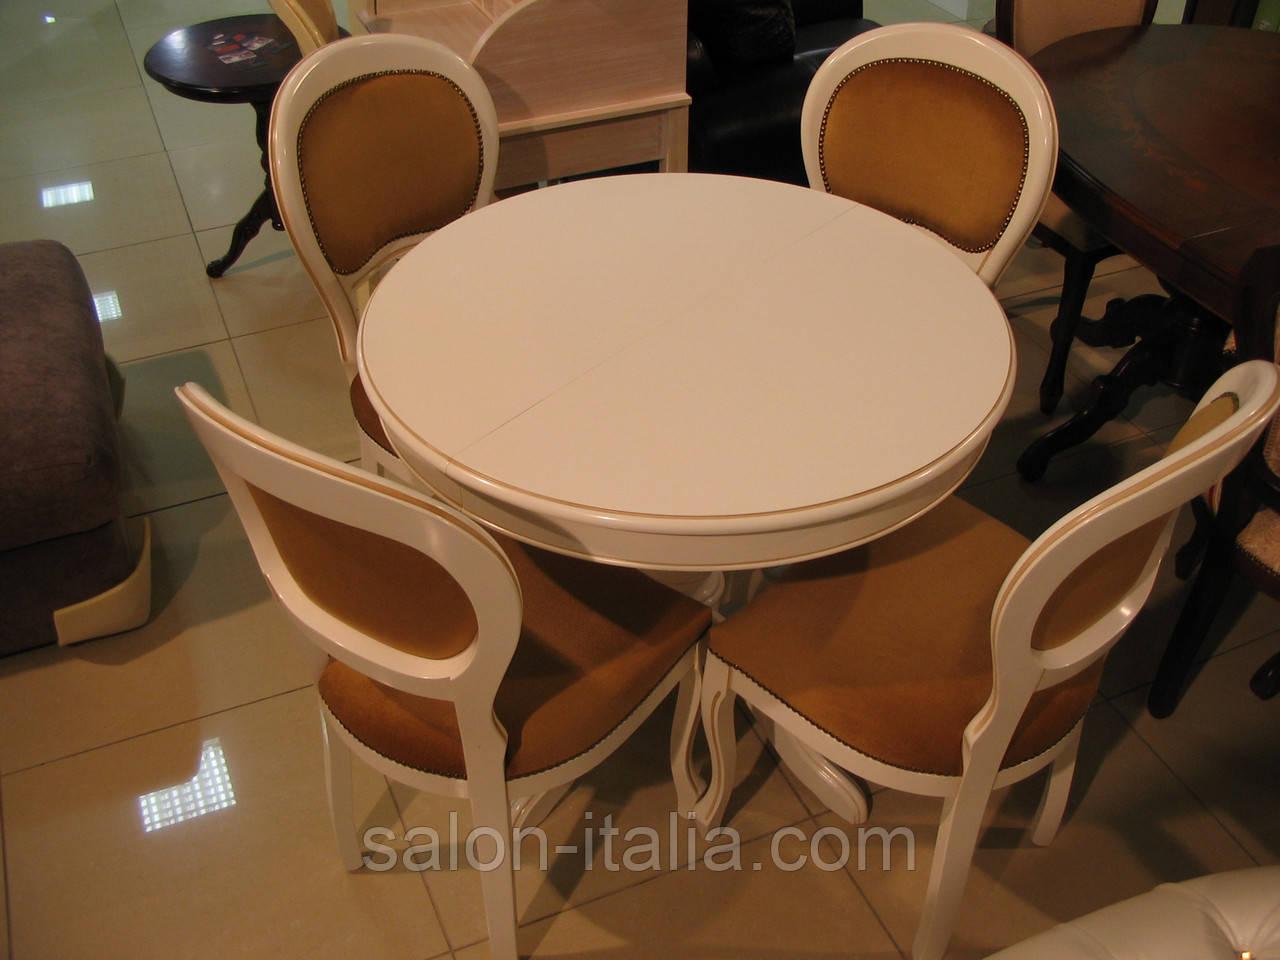 Стіл круглий ВТС (Італія) 90см, розкладний, фото 1